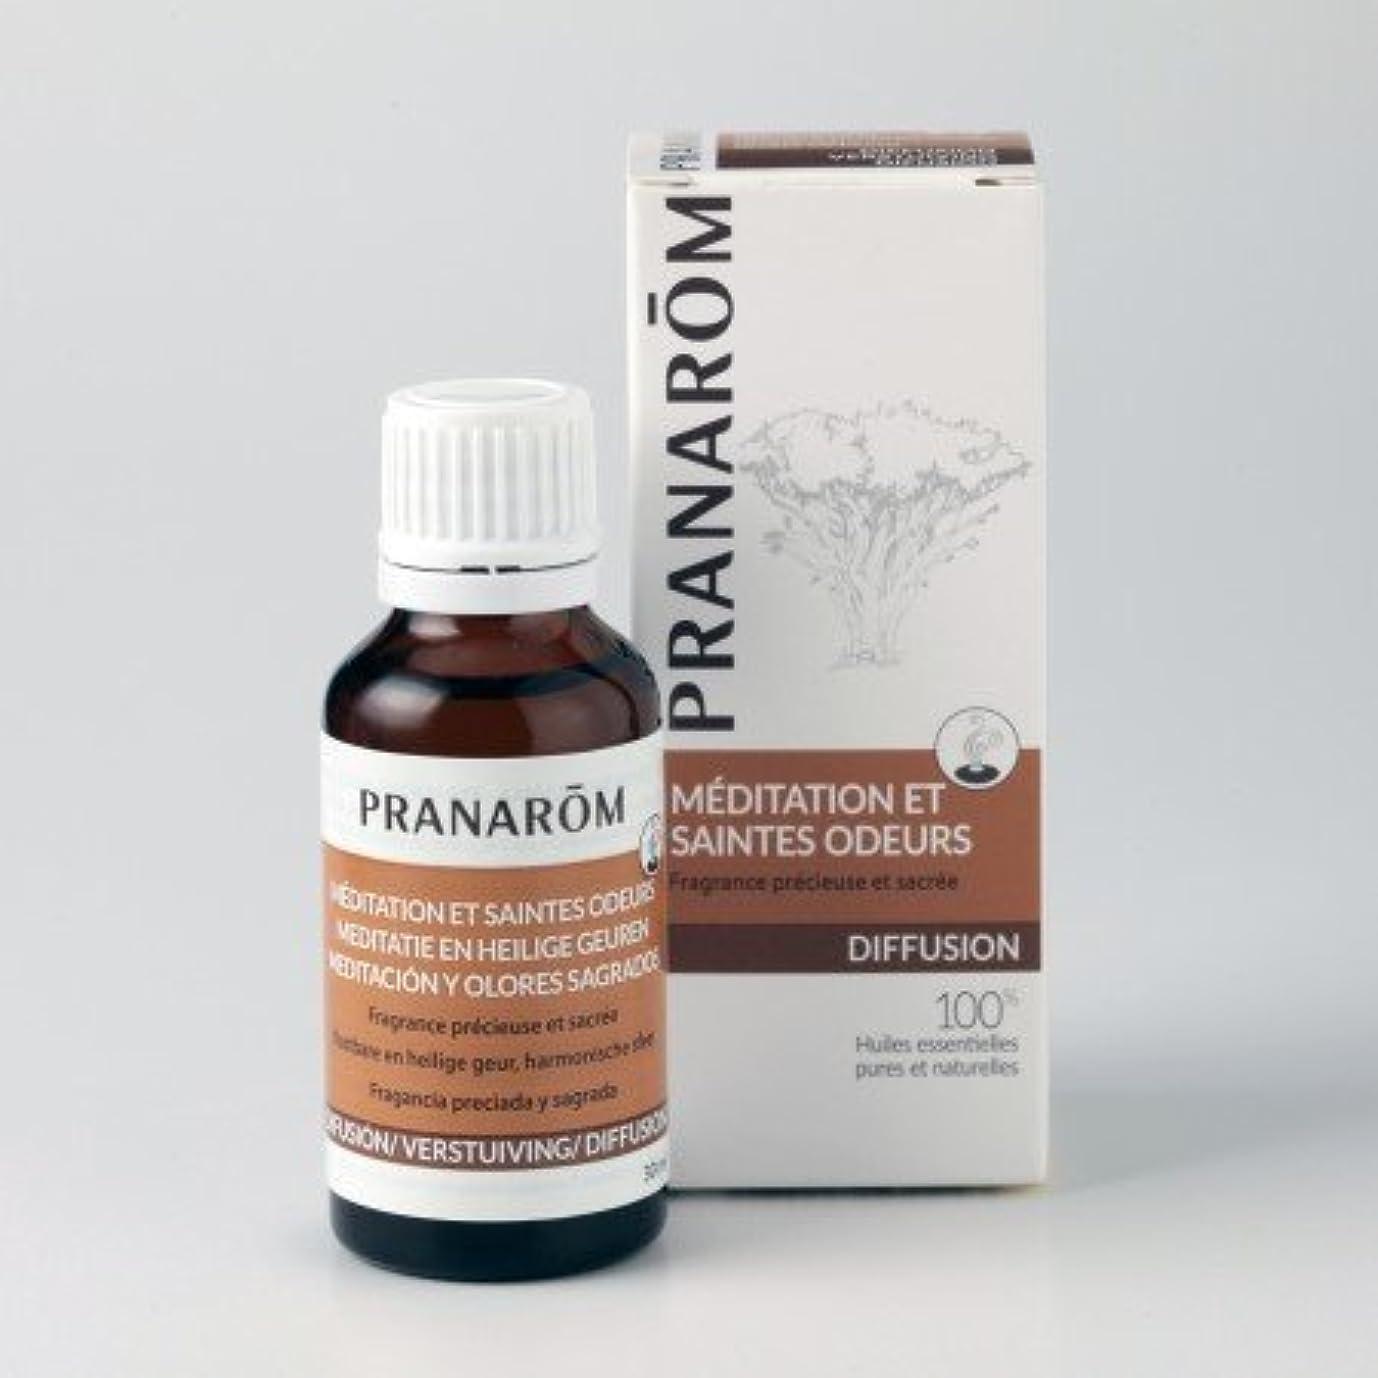 本物のランデブーワックスプラナロム ( PRANAROM ) ルームコロン 瞑想へのいざない メディテーション 30ml 02588 エアフレッシュナー ( 芳香剤 )